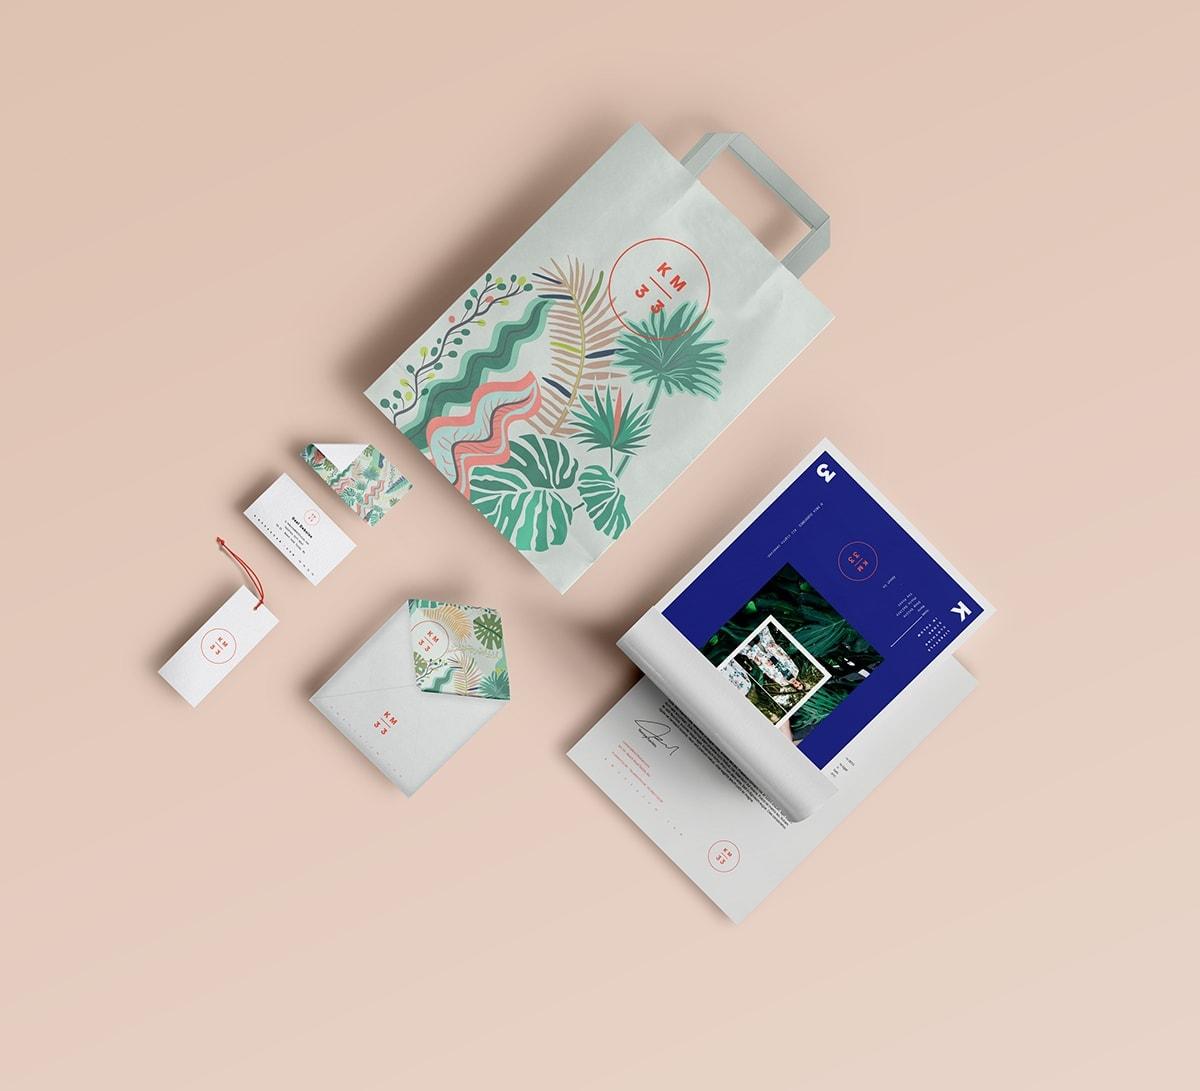 Brand-Identity-Design-KM33